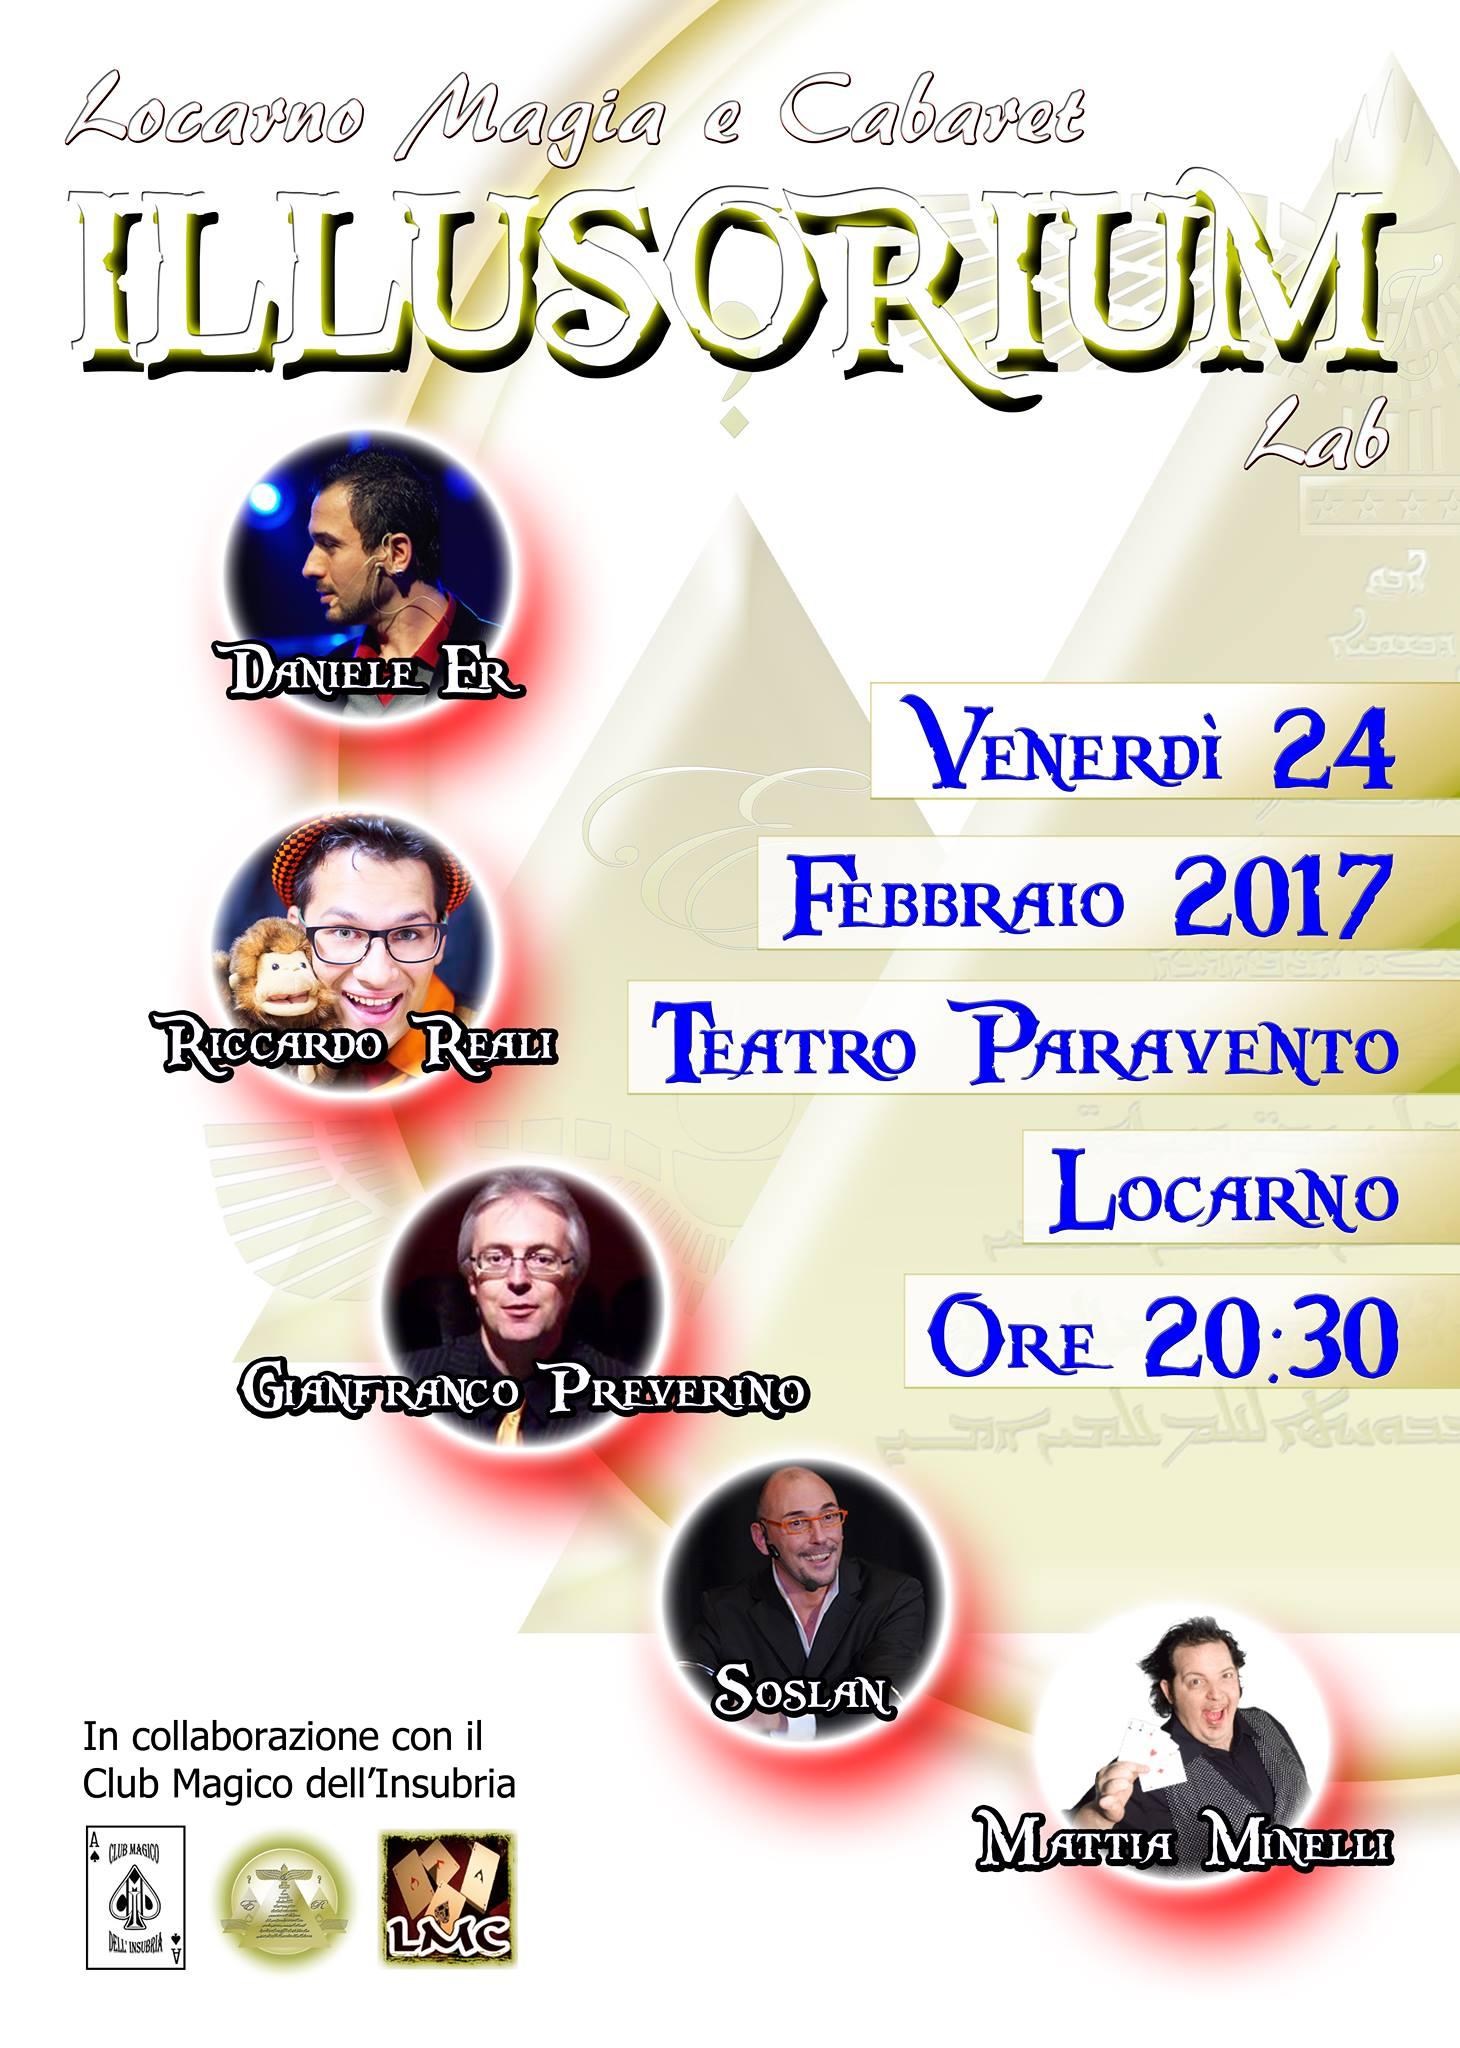 2422017, Locarno (CH), Illusorium Lab